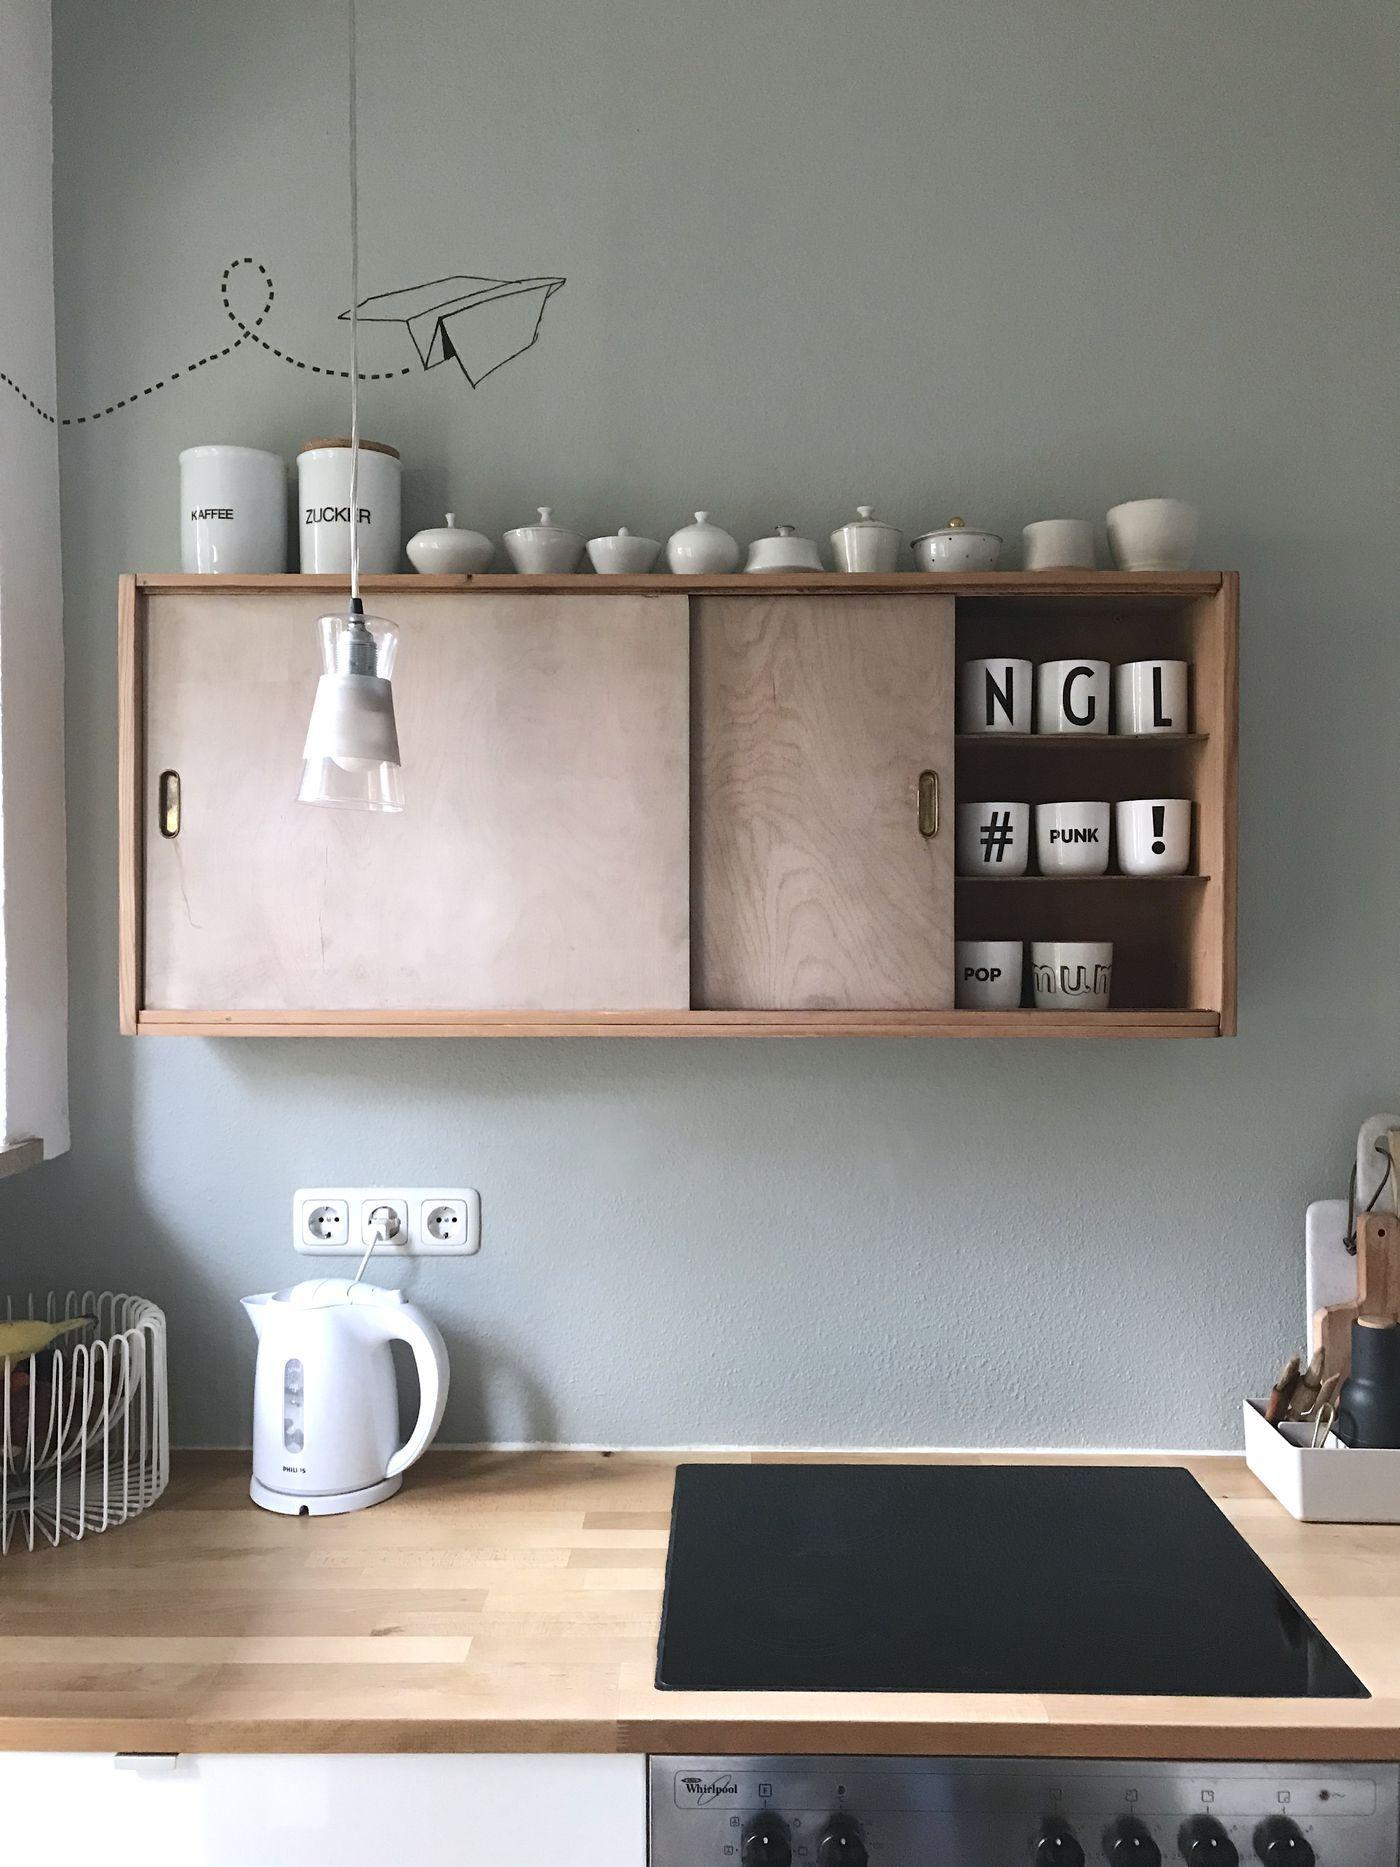 Full Size of Schne Ideen Fr Wandfarbe In Der Kche Landhausküche Weisse Grau Moderne Gebraucht Weiß Wohnzimmer Landhausküche Wandfarbe